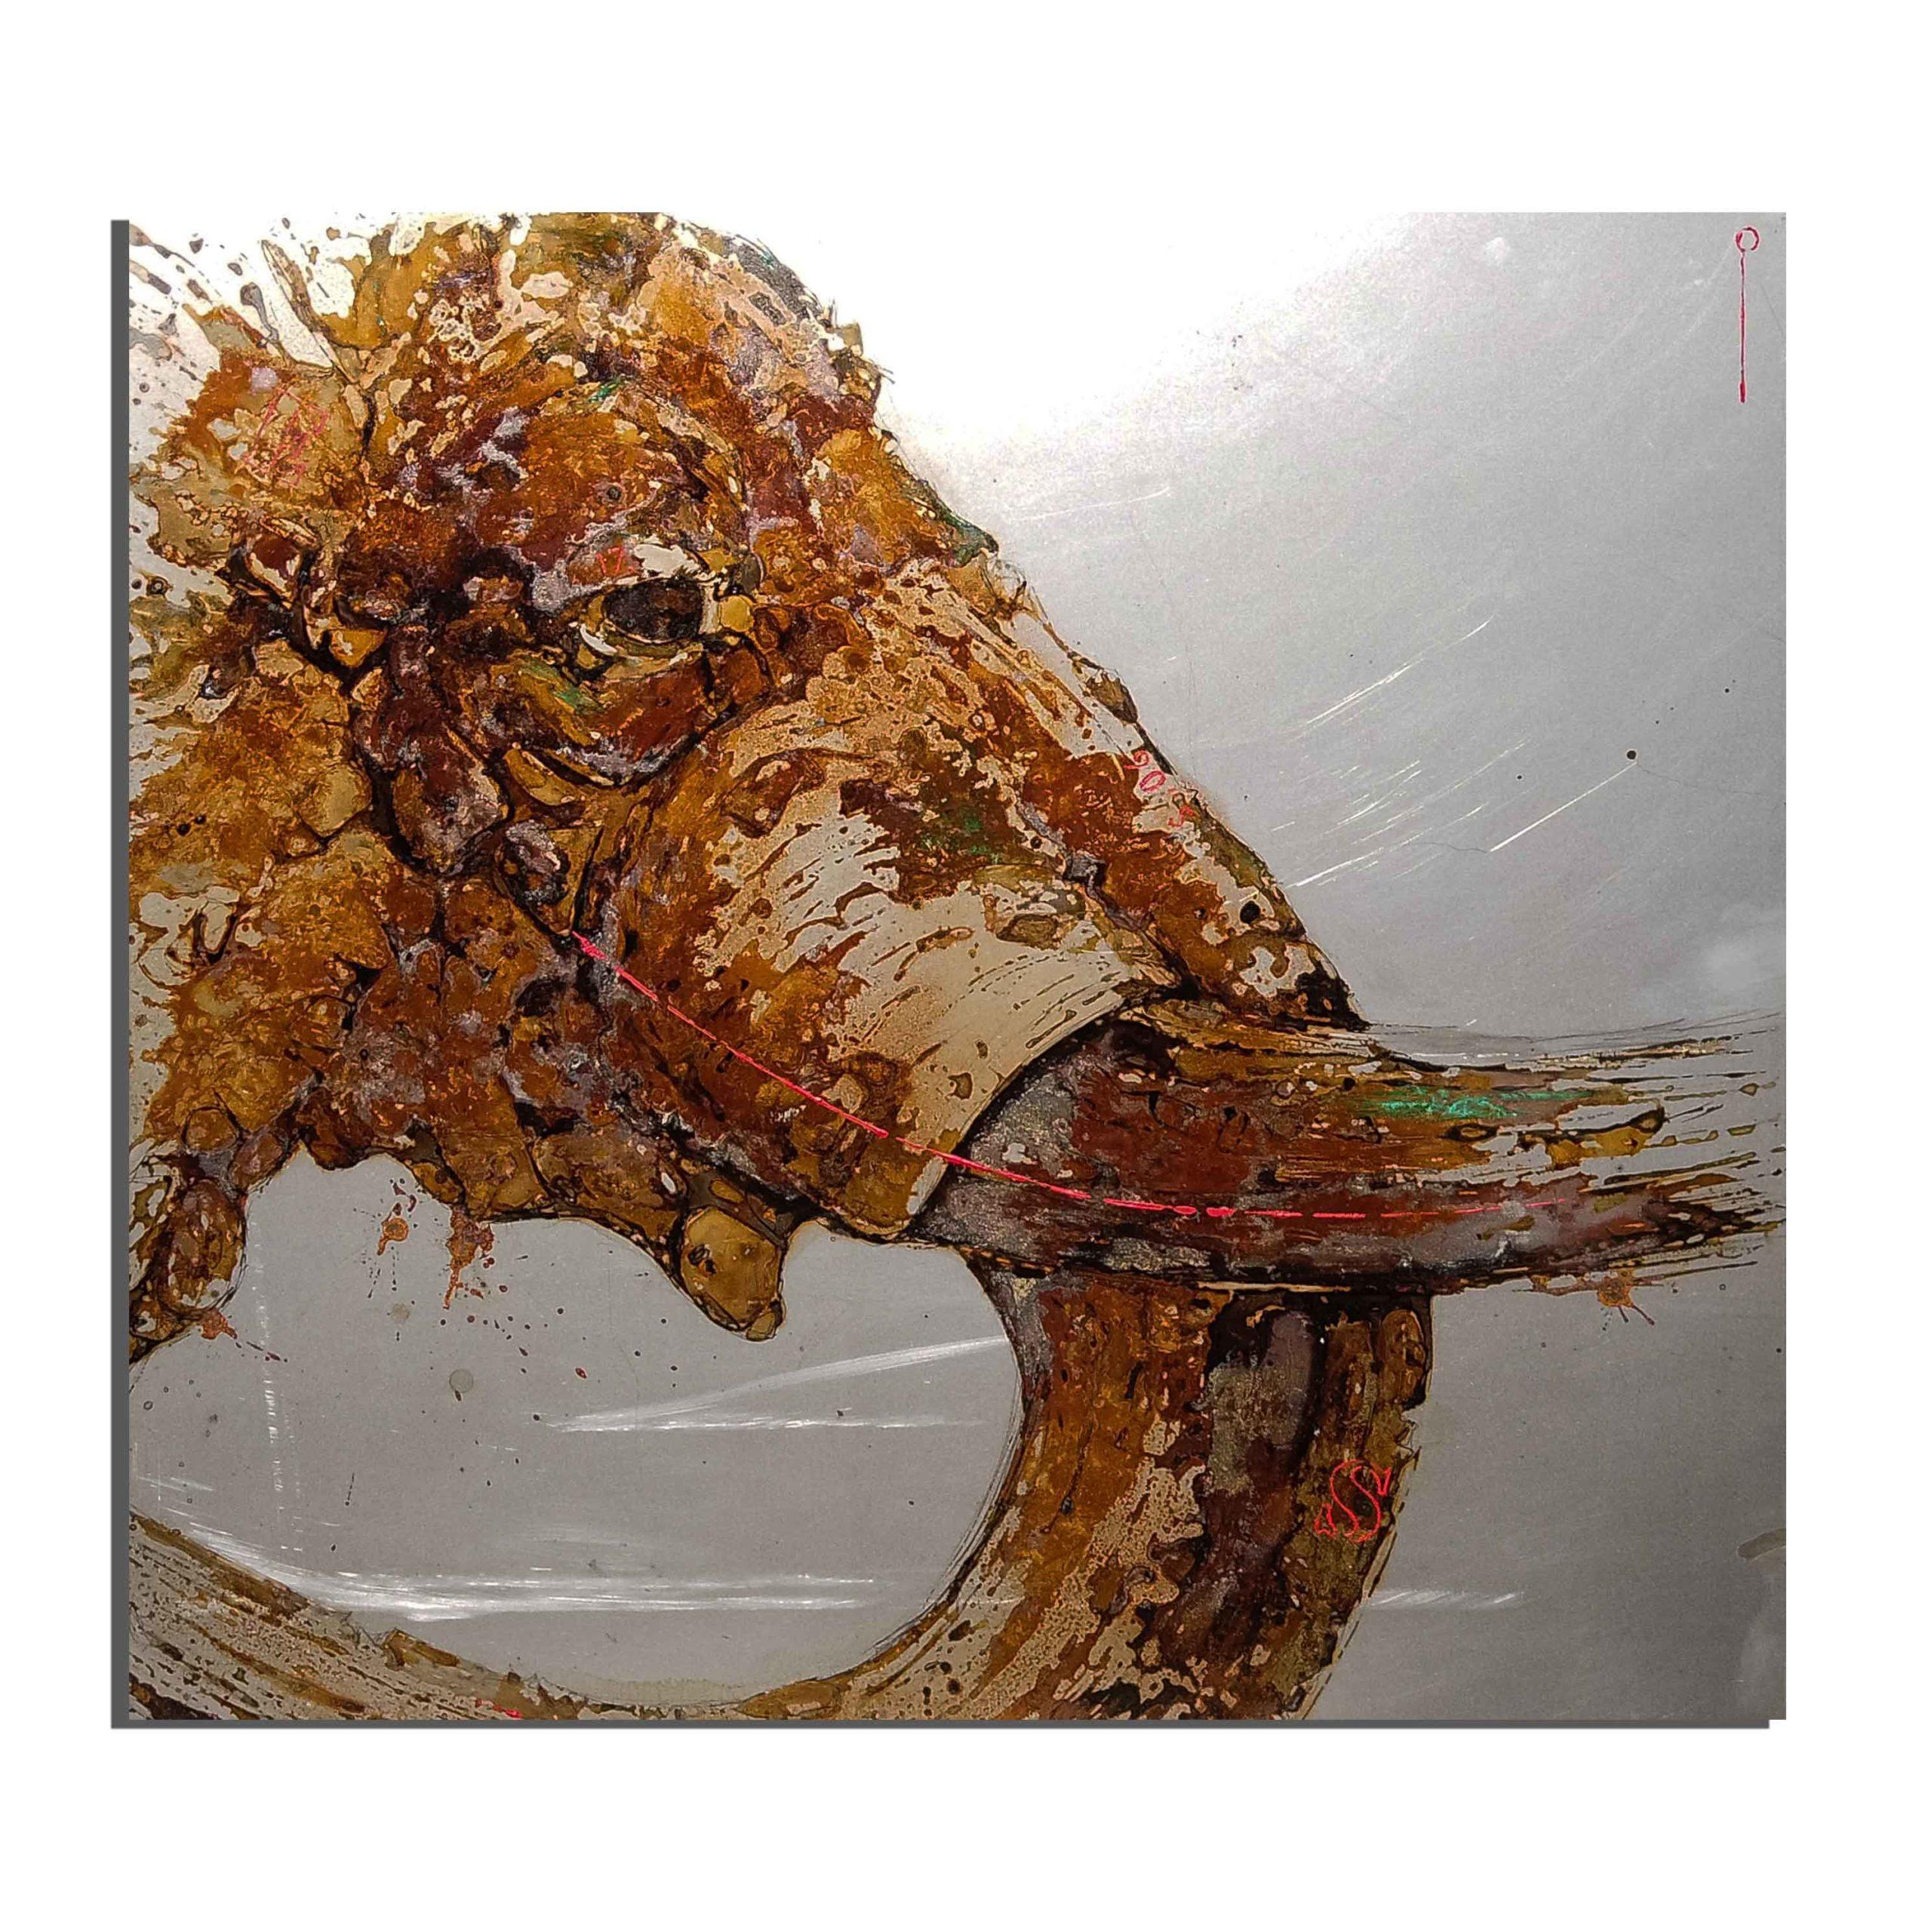 Elephant de rouille fait avec du vinaigre et de l'eau du Zambèze (Zimbabwe) - projet Water Is Life, Christophe Monteil, Art 4 Nature